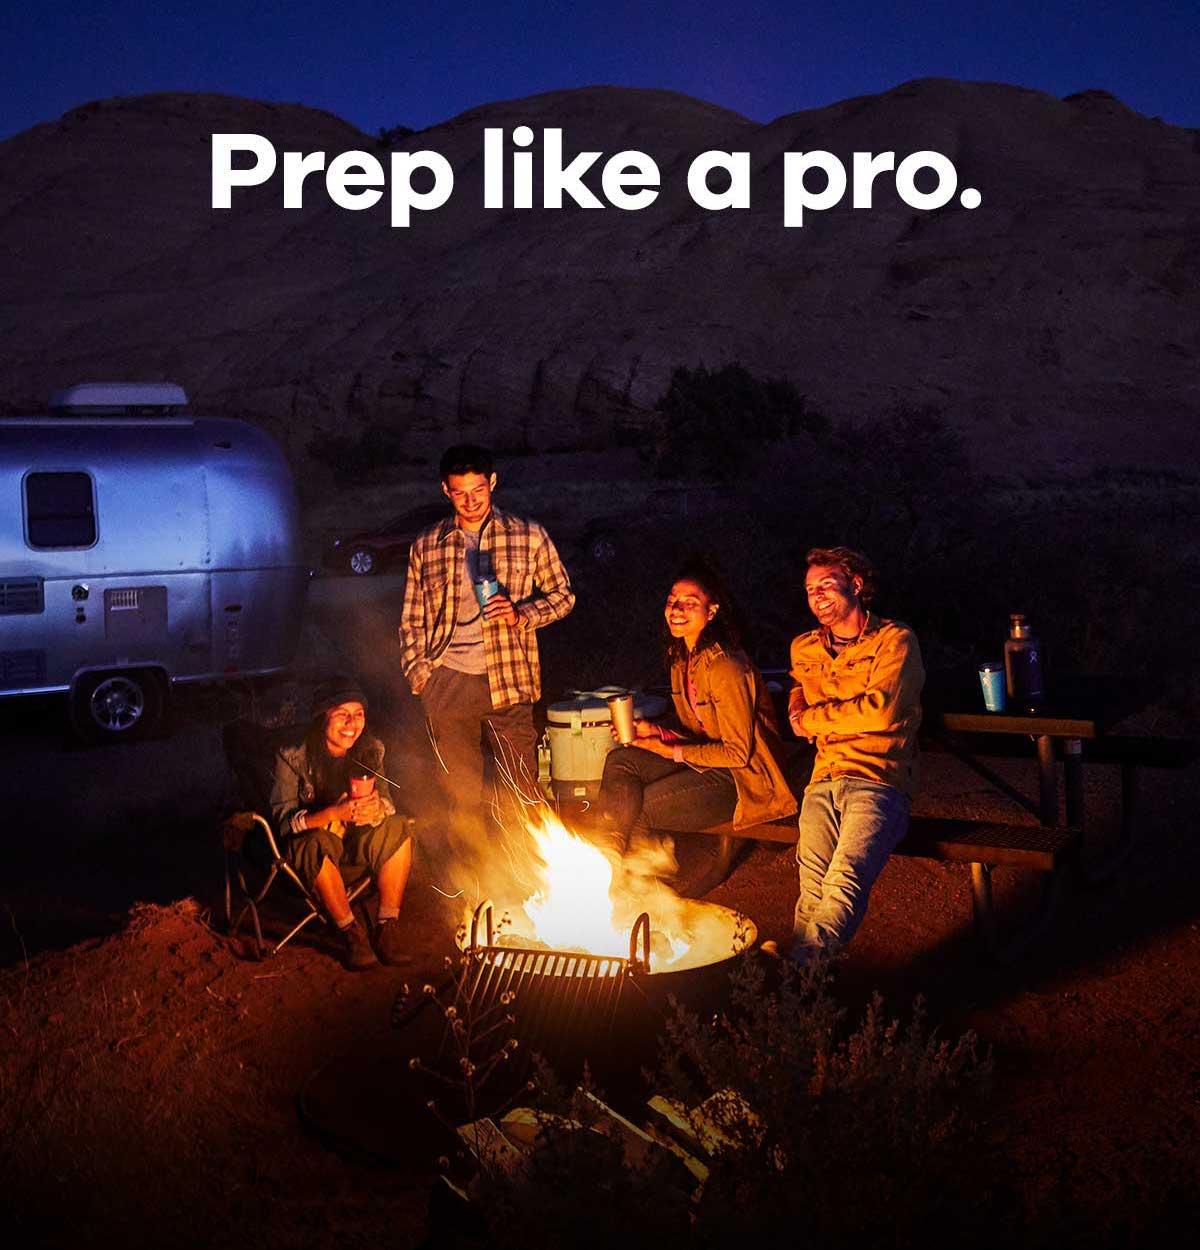 Prep like a pro.